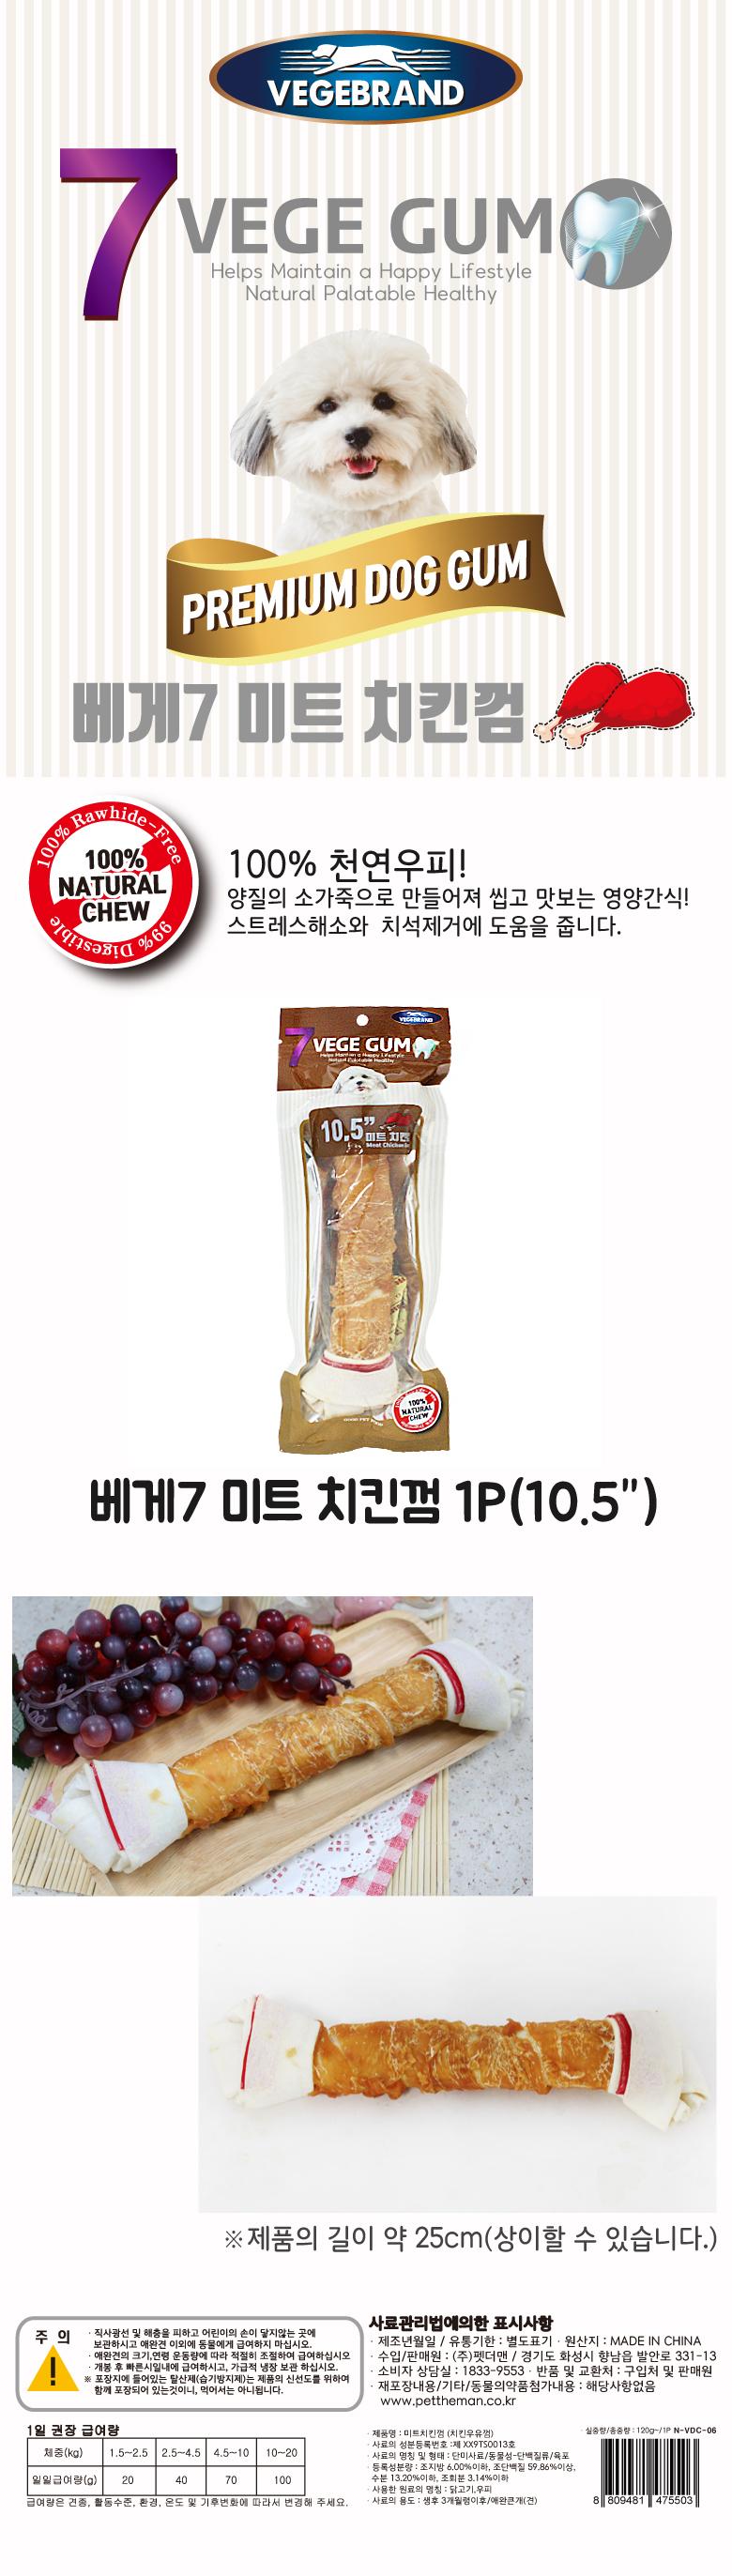 (개껌) 베게 10.5인치 미트 치킨껌3,000원-레인보우펫펫샵, 강아지용품, 간식/영양제, 껌바보사랑(개껌) 베게 10.5인치 미트 치킨껌3,000원-레인보우펫펫샵, 강아지용품, 간식/영양제, 껌바보사랑